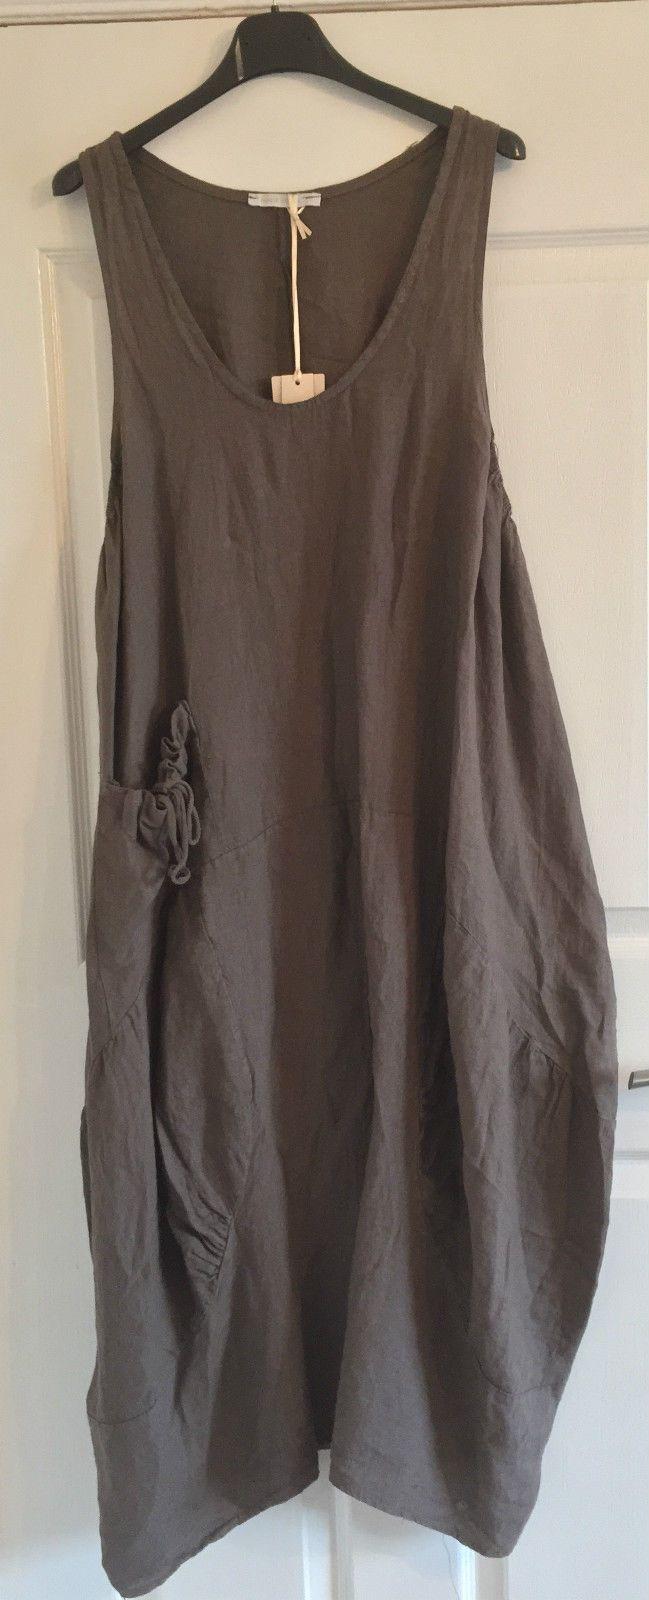 Ebay walk in robe